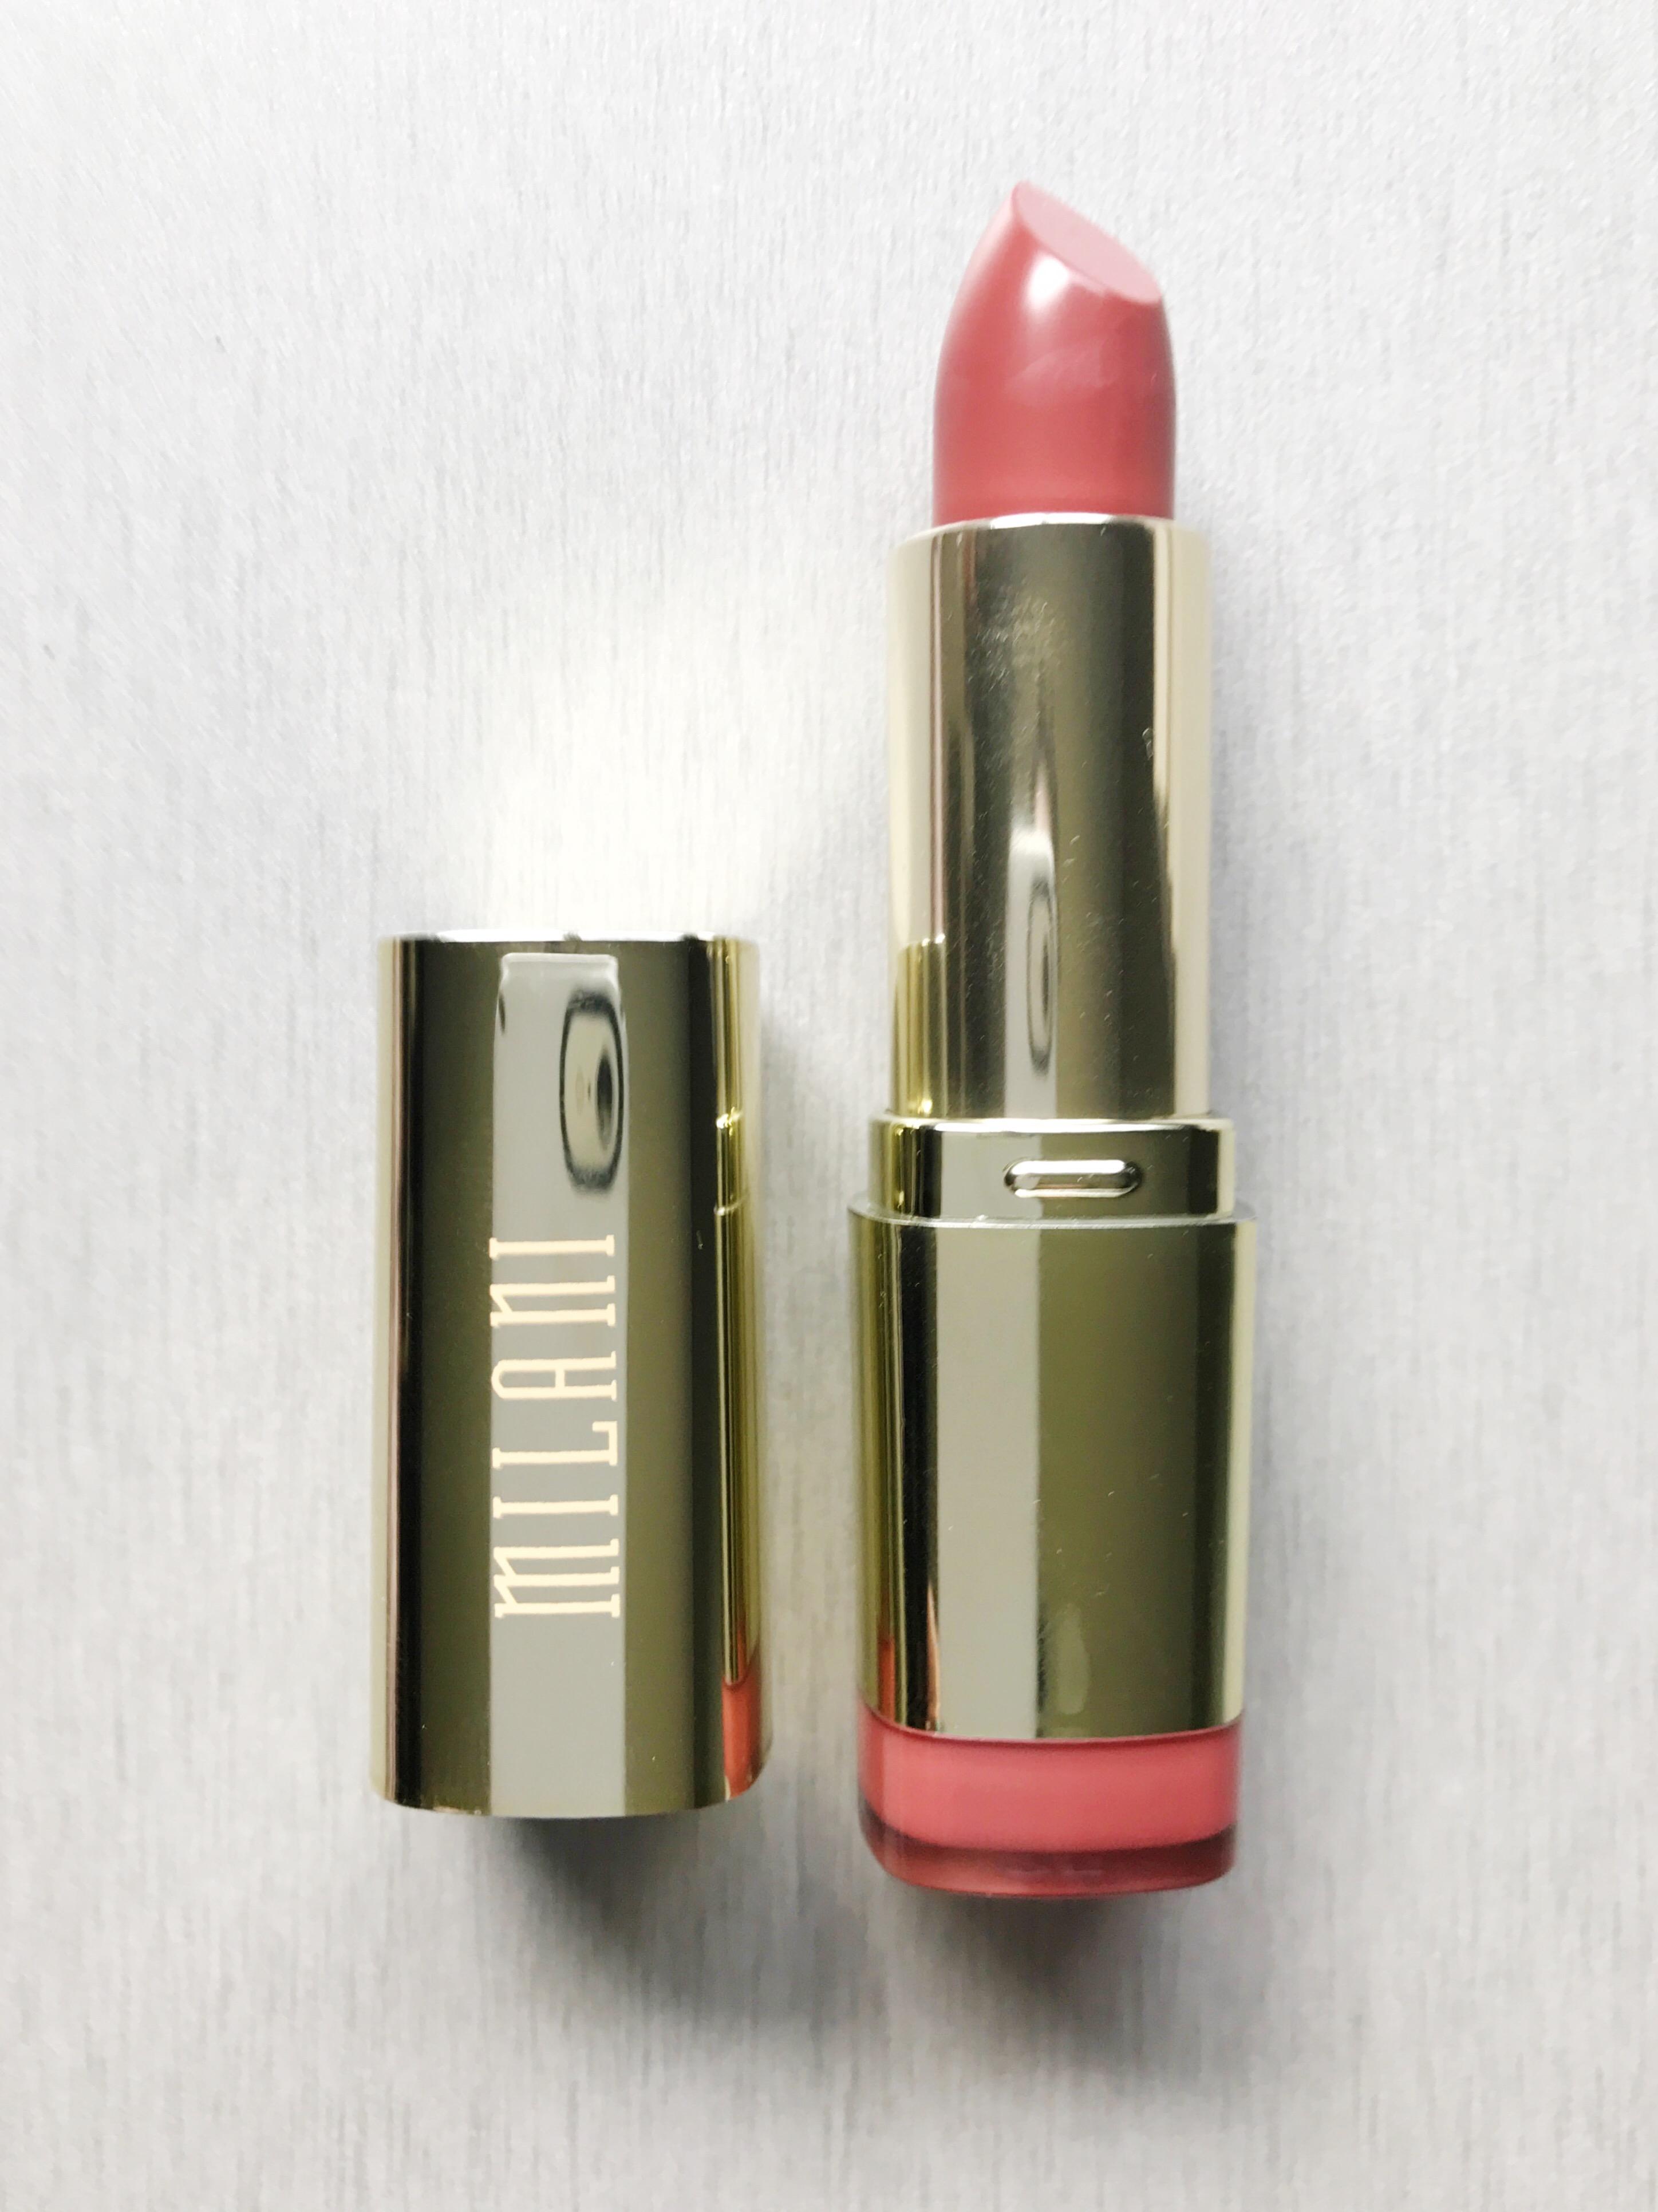 Milani Naturally Chic Lipstick